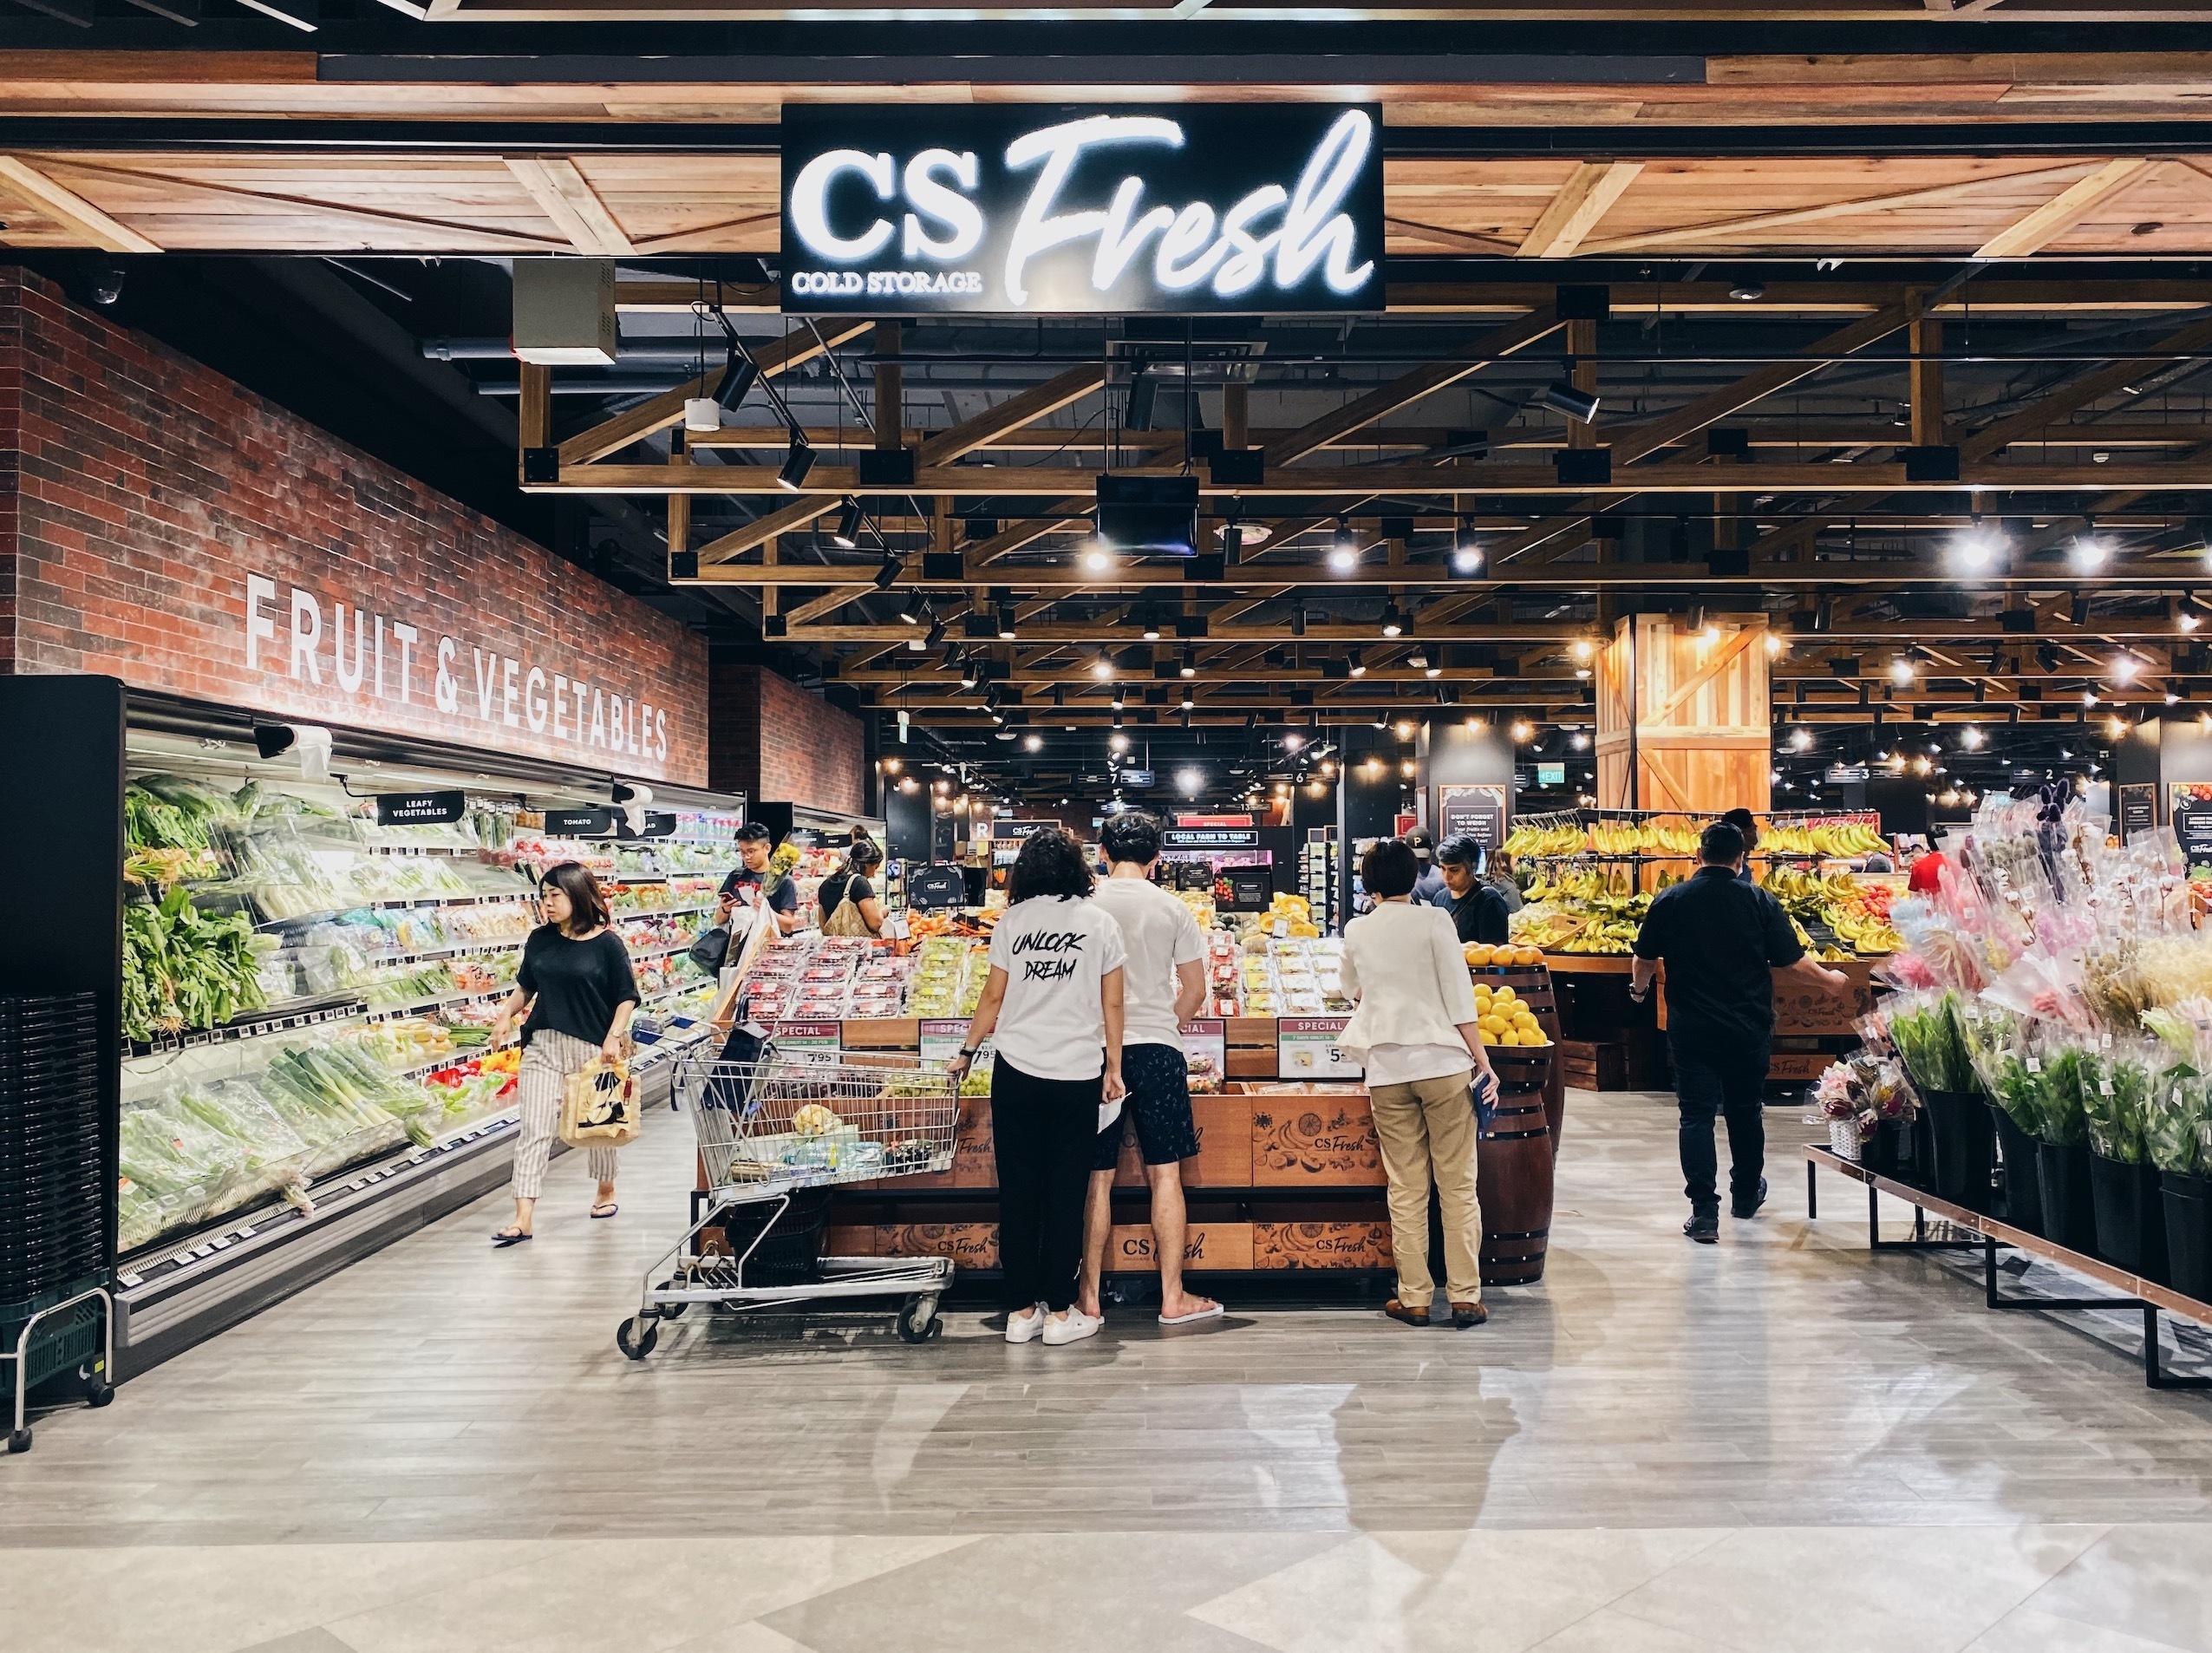 CS Fresh